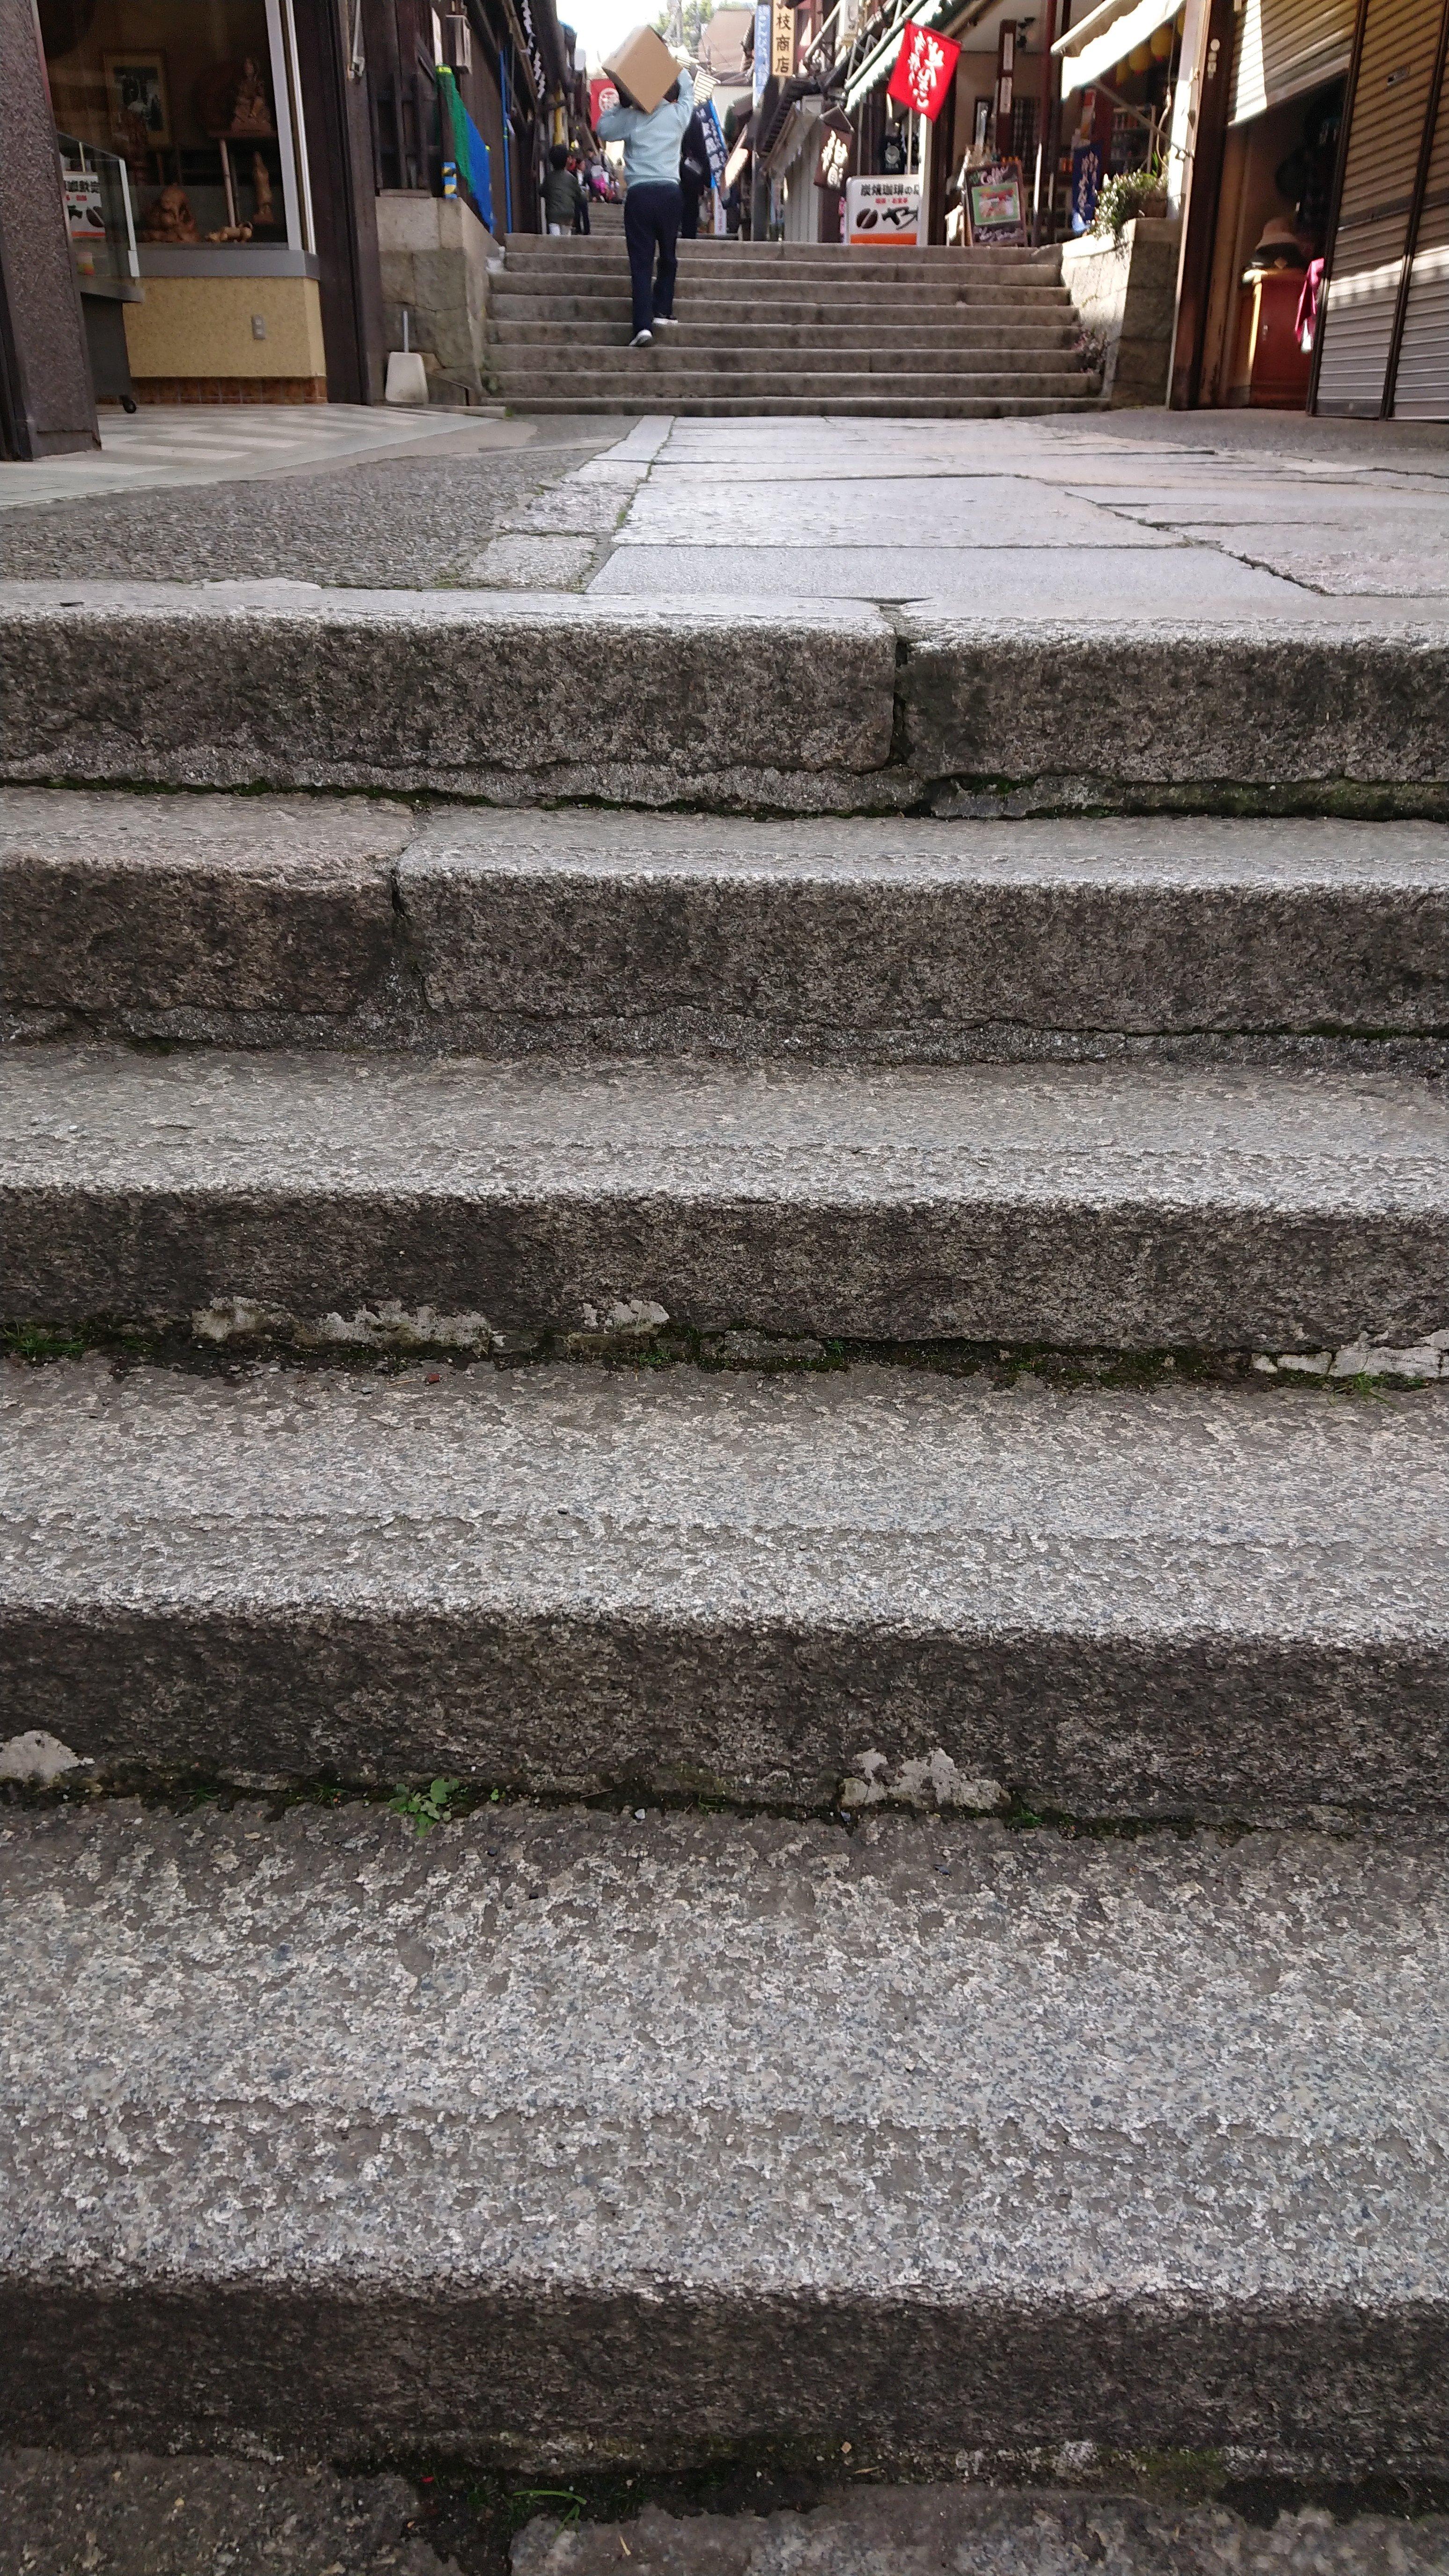 こんぴらさんを子連れで階段に登ったときの写真